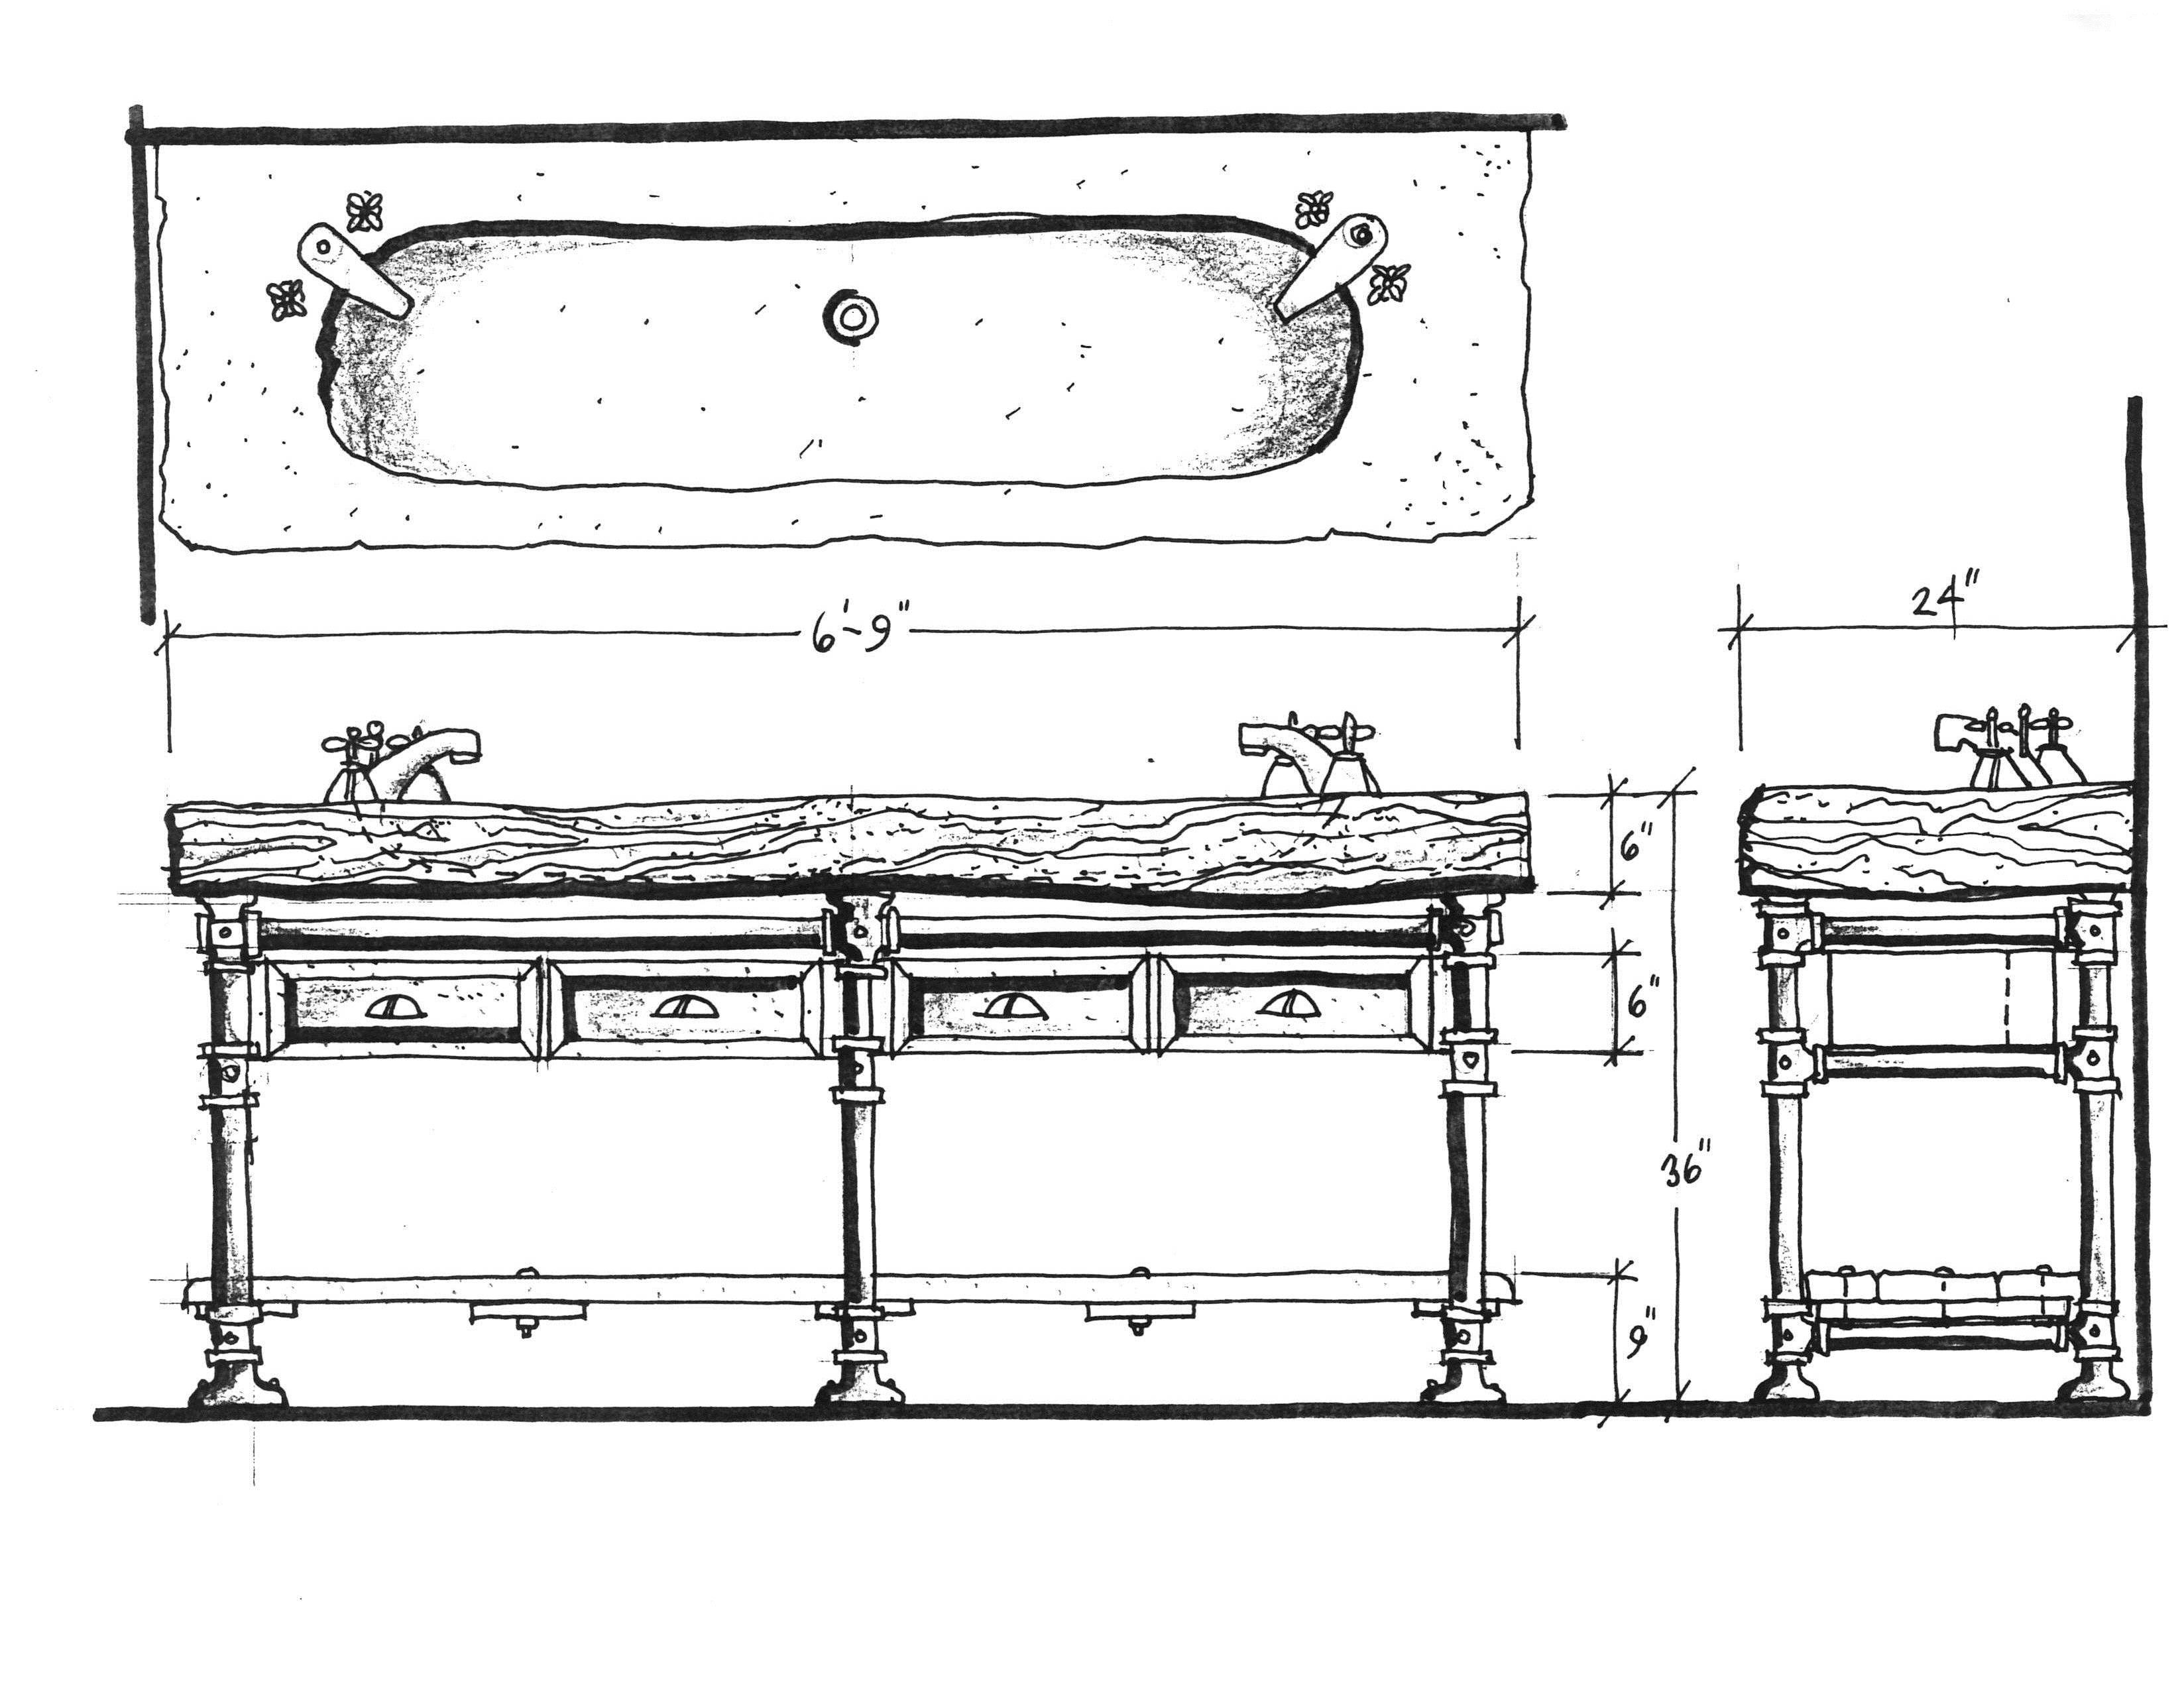 Bathroom Vanity Vanity Design Vanity Ideas Bathroom Ideas Interior Design Drawing Sketch Interior Design Drawings Vanity Design Beautiful Interior Design